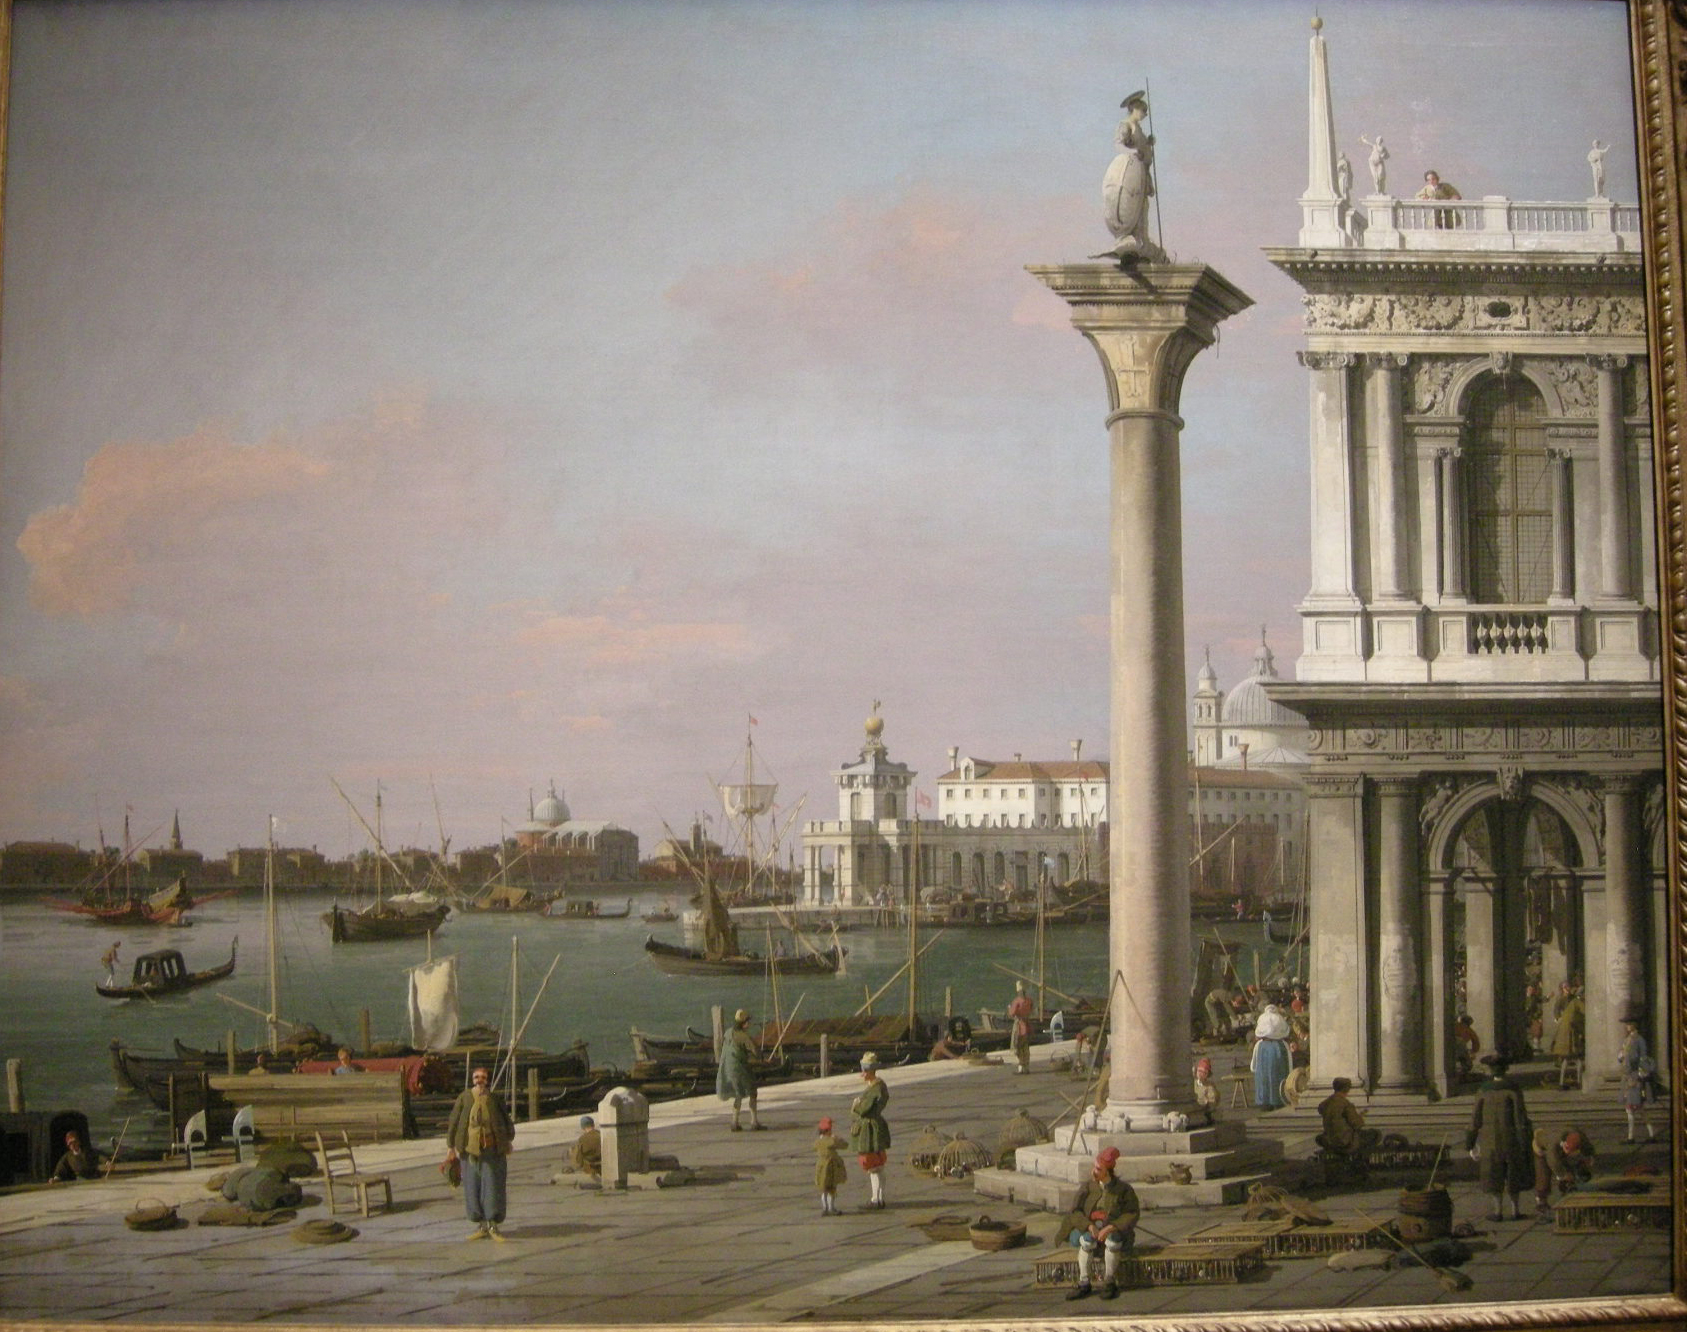 http://upload.wikimedia.org/wikipedia/commons/f/f1/Canaletto%2C_bacino_di_san_marco_dalla_piazzetta%2C_1750_circa.JPG